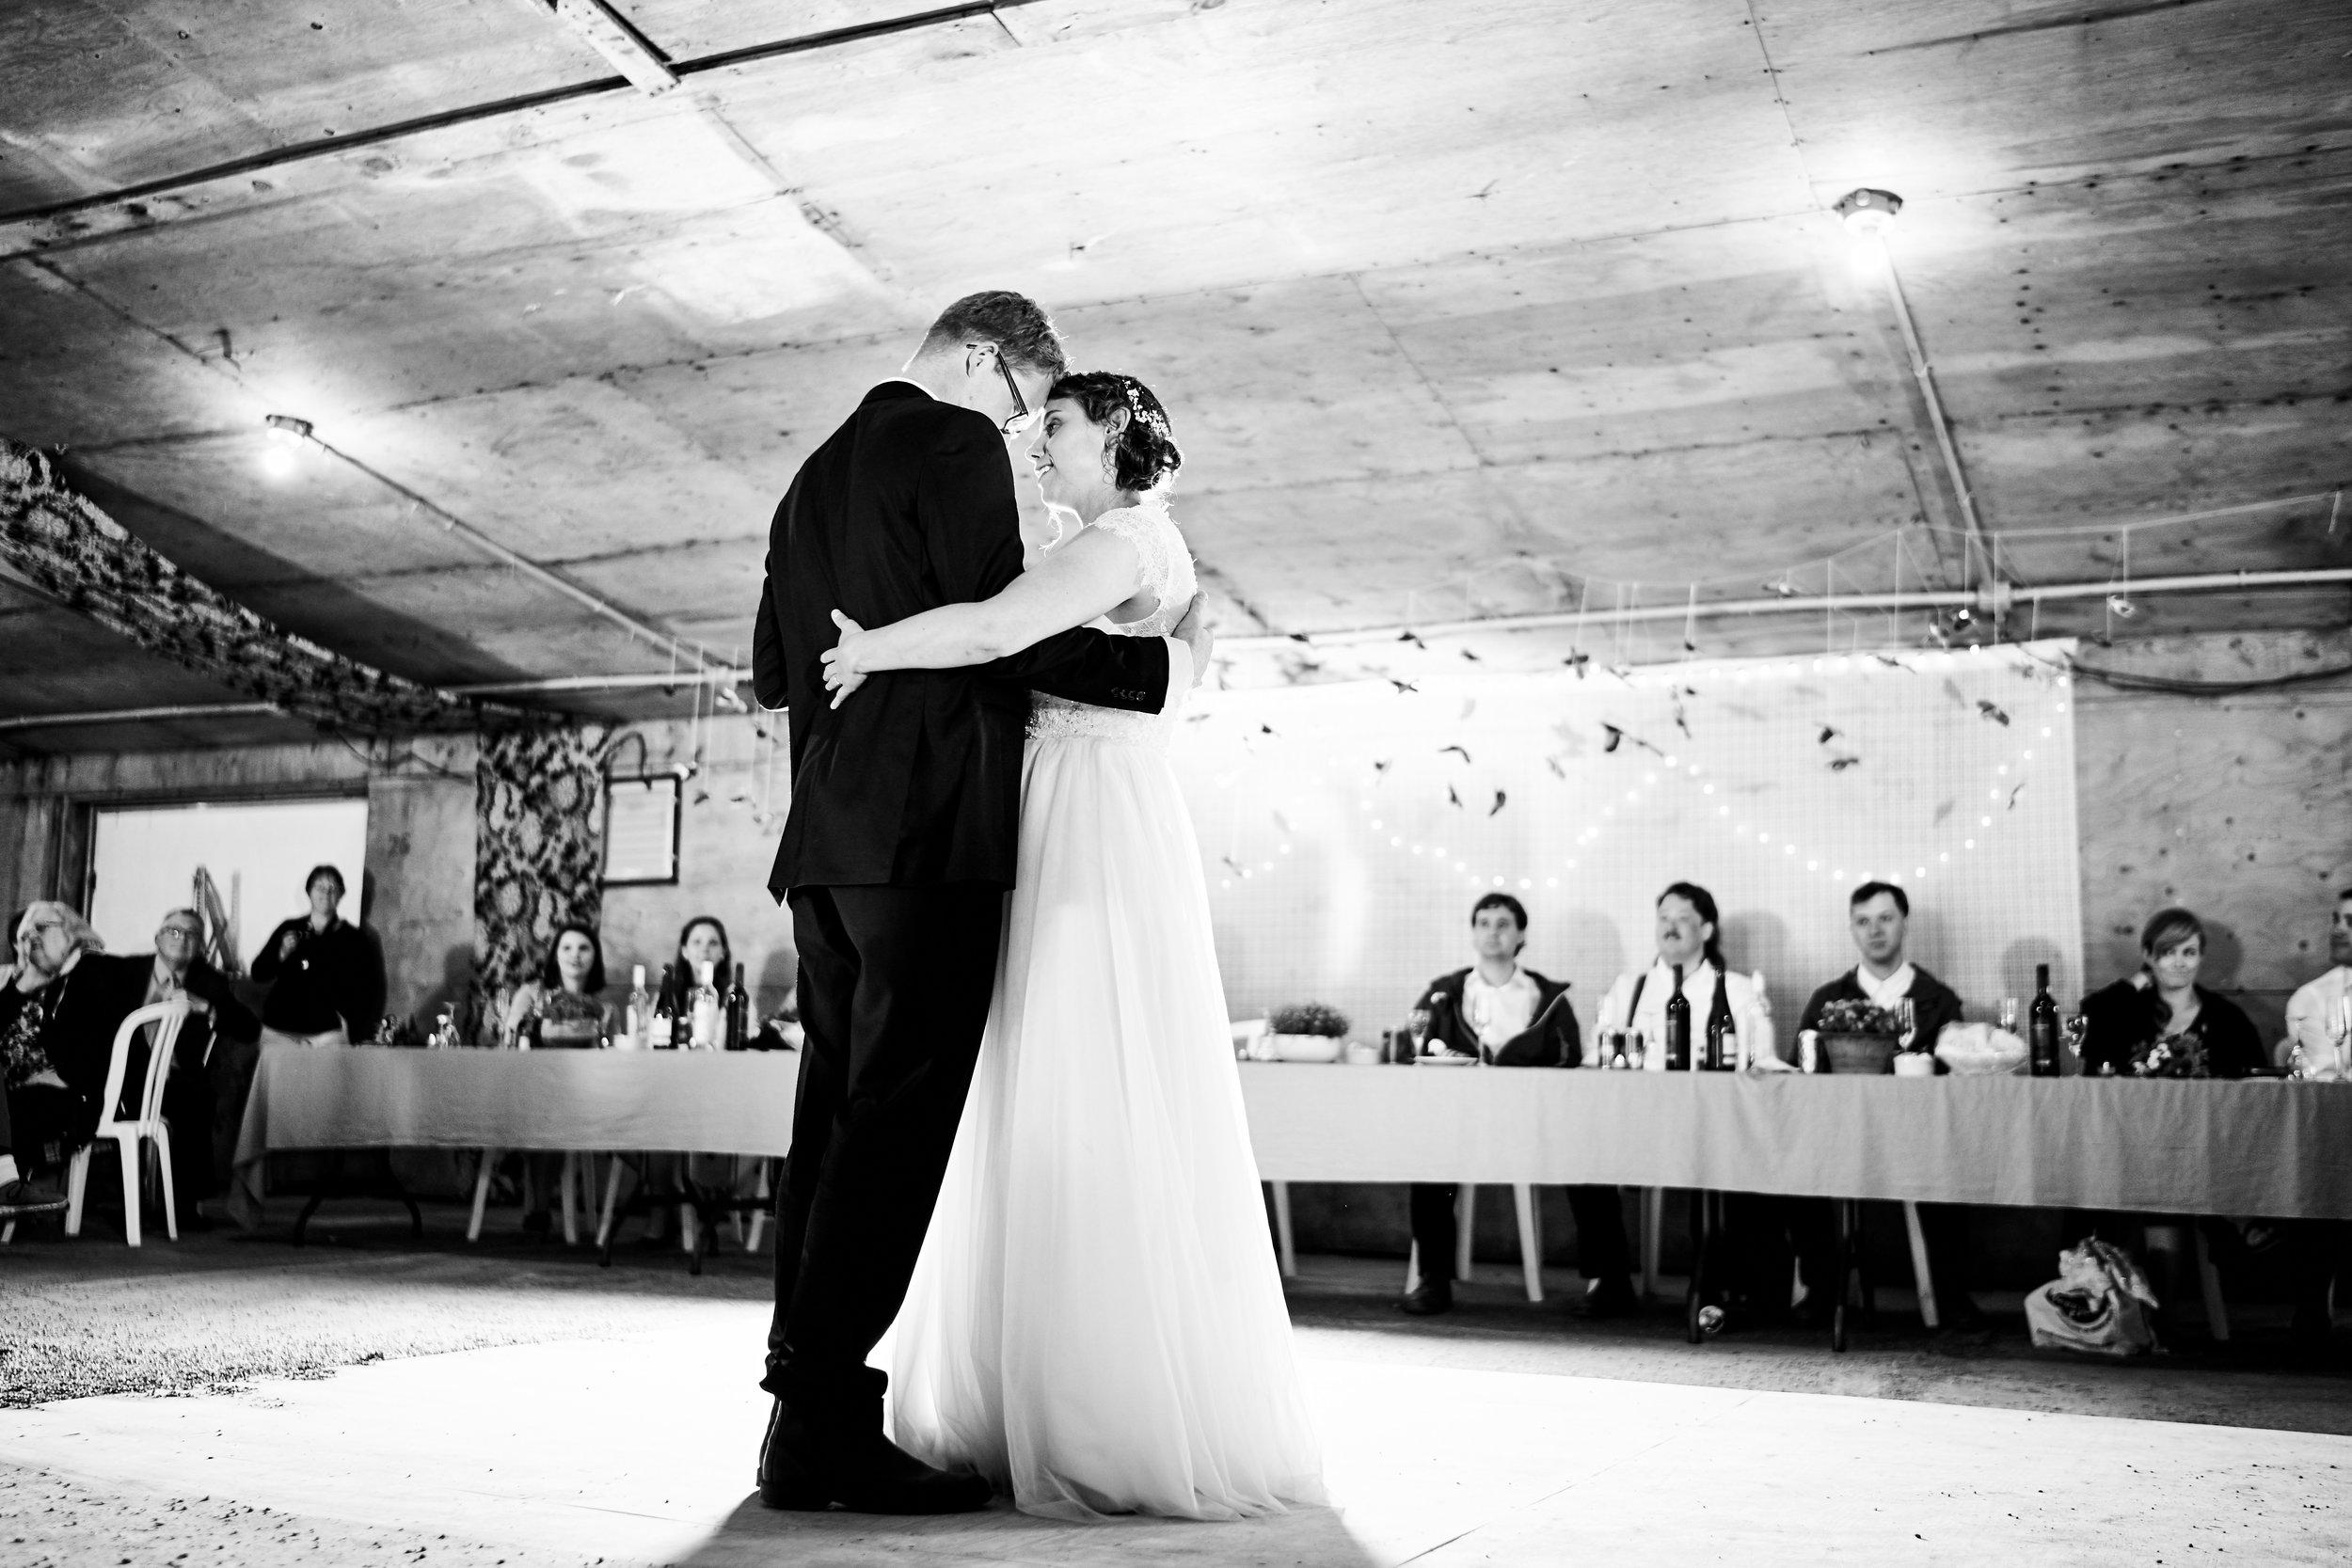 Amy-Lee & James' Wedding 816.jpg